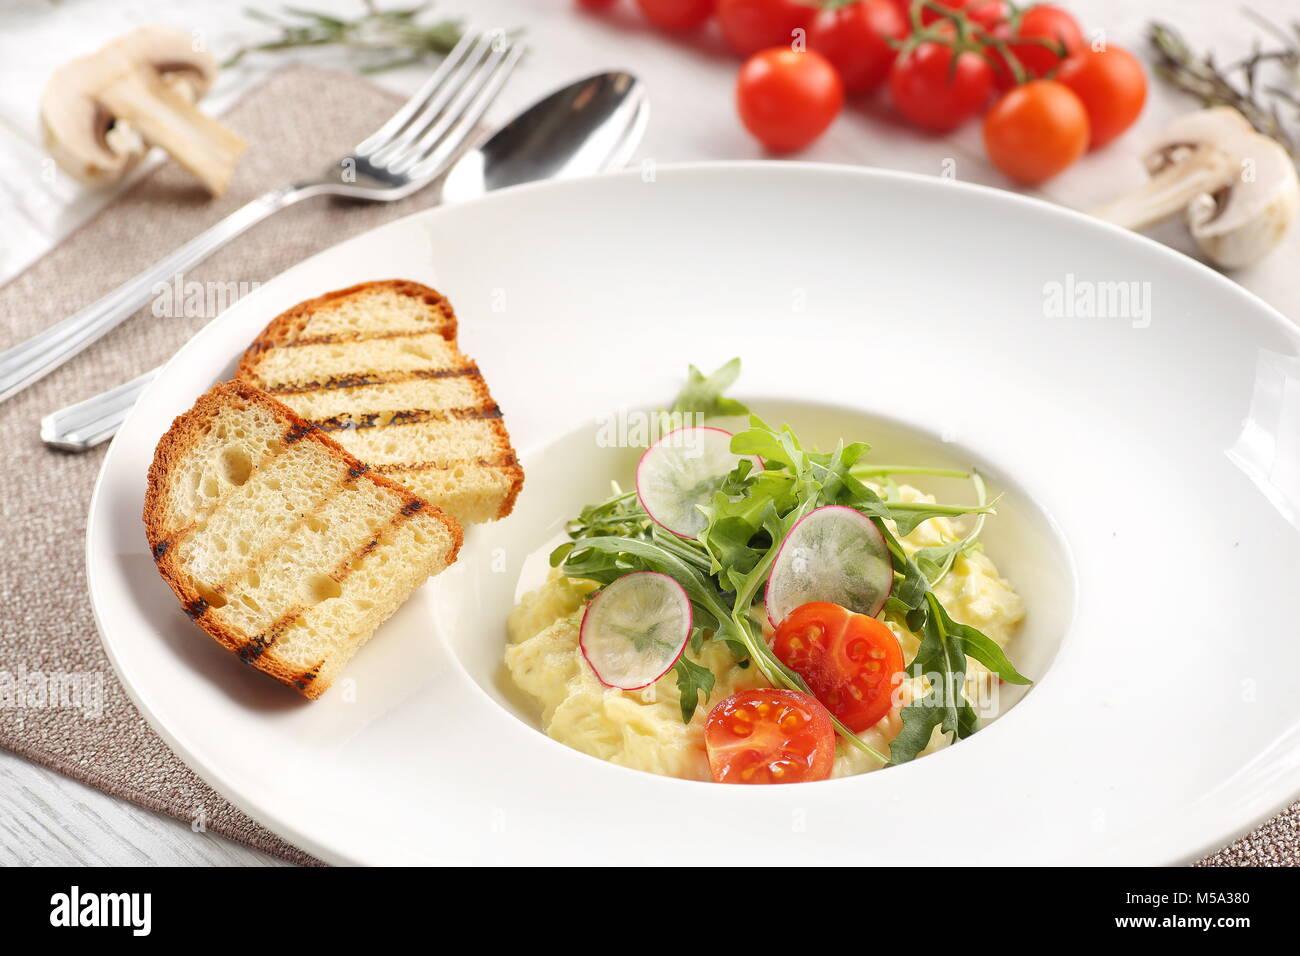 mashed potatoes on white wooden background - Stock Image